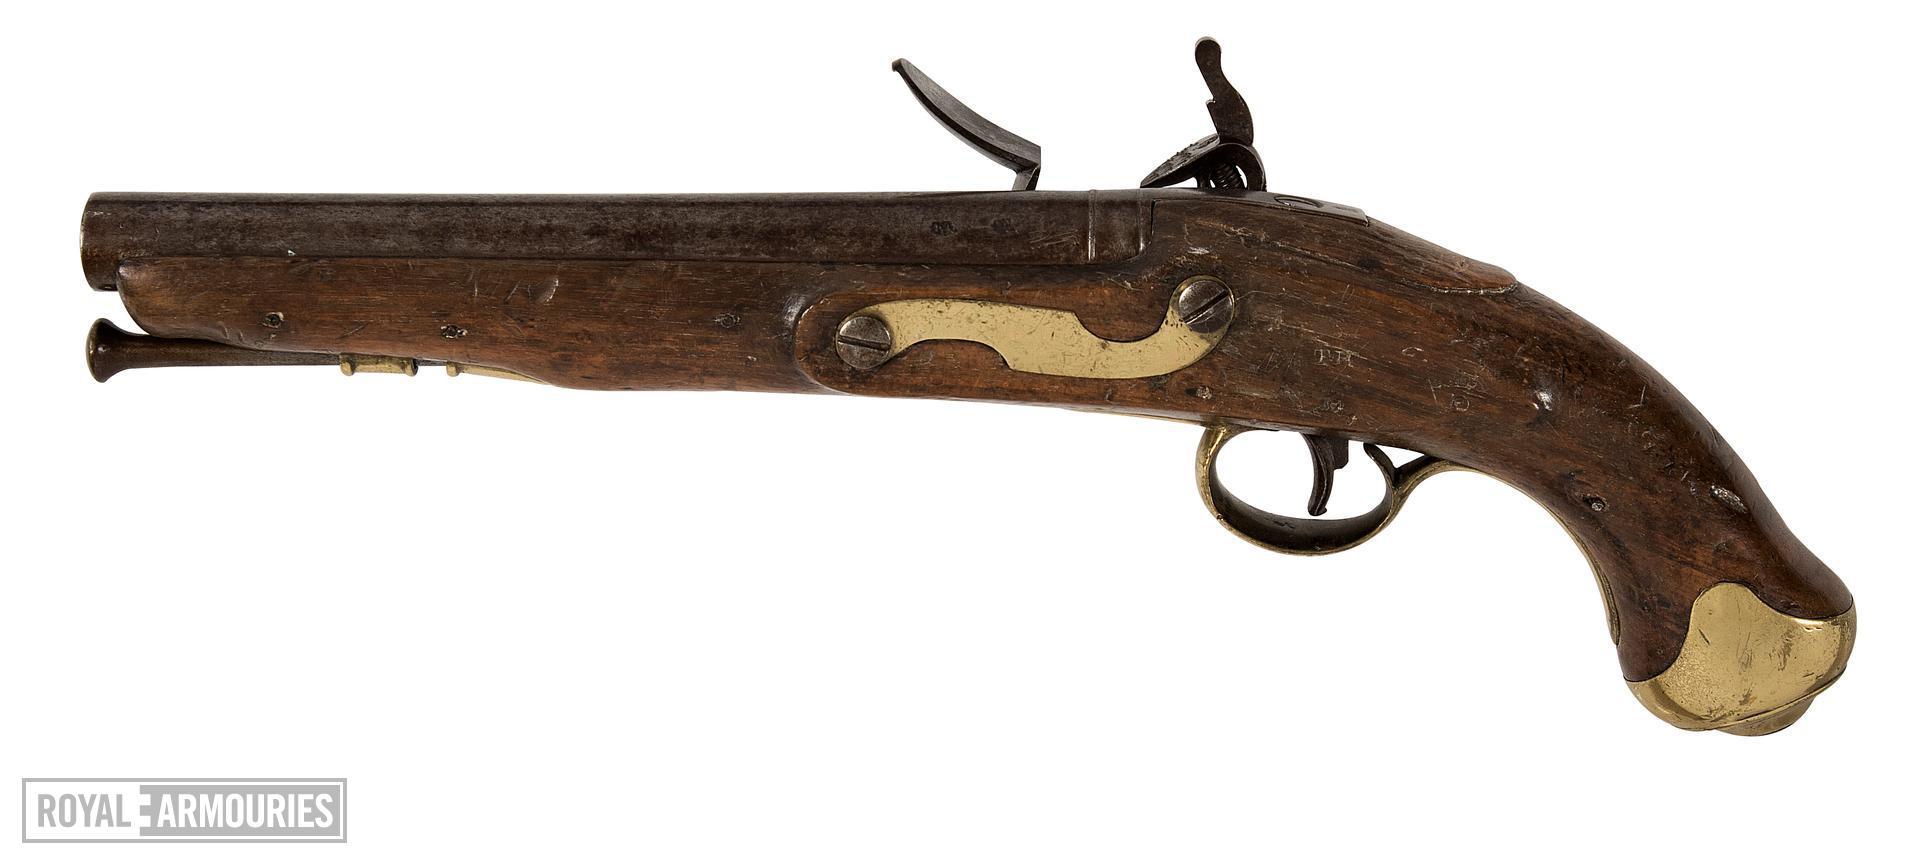 Flintlock pistol - Light Dragoon Pistol